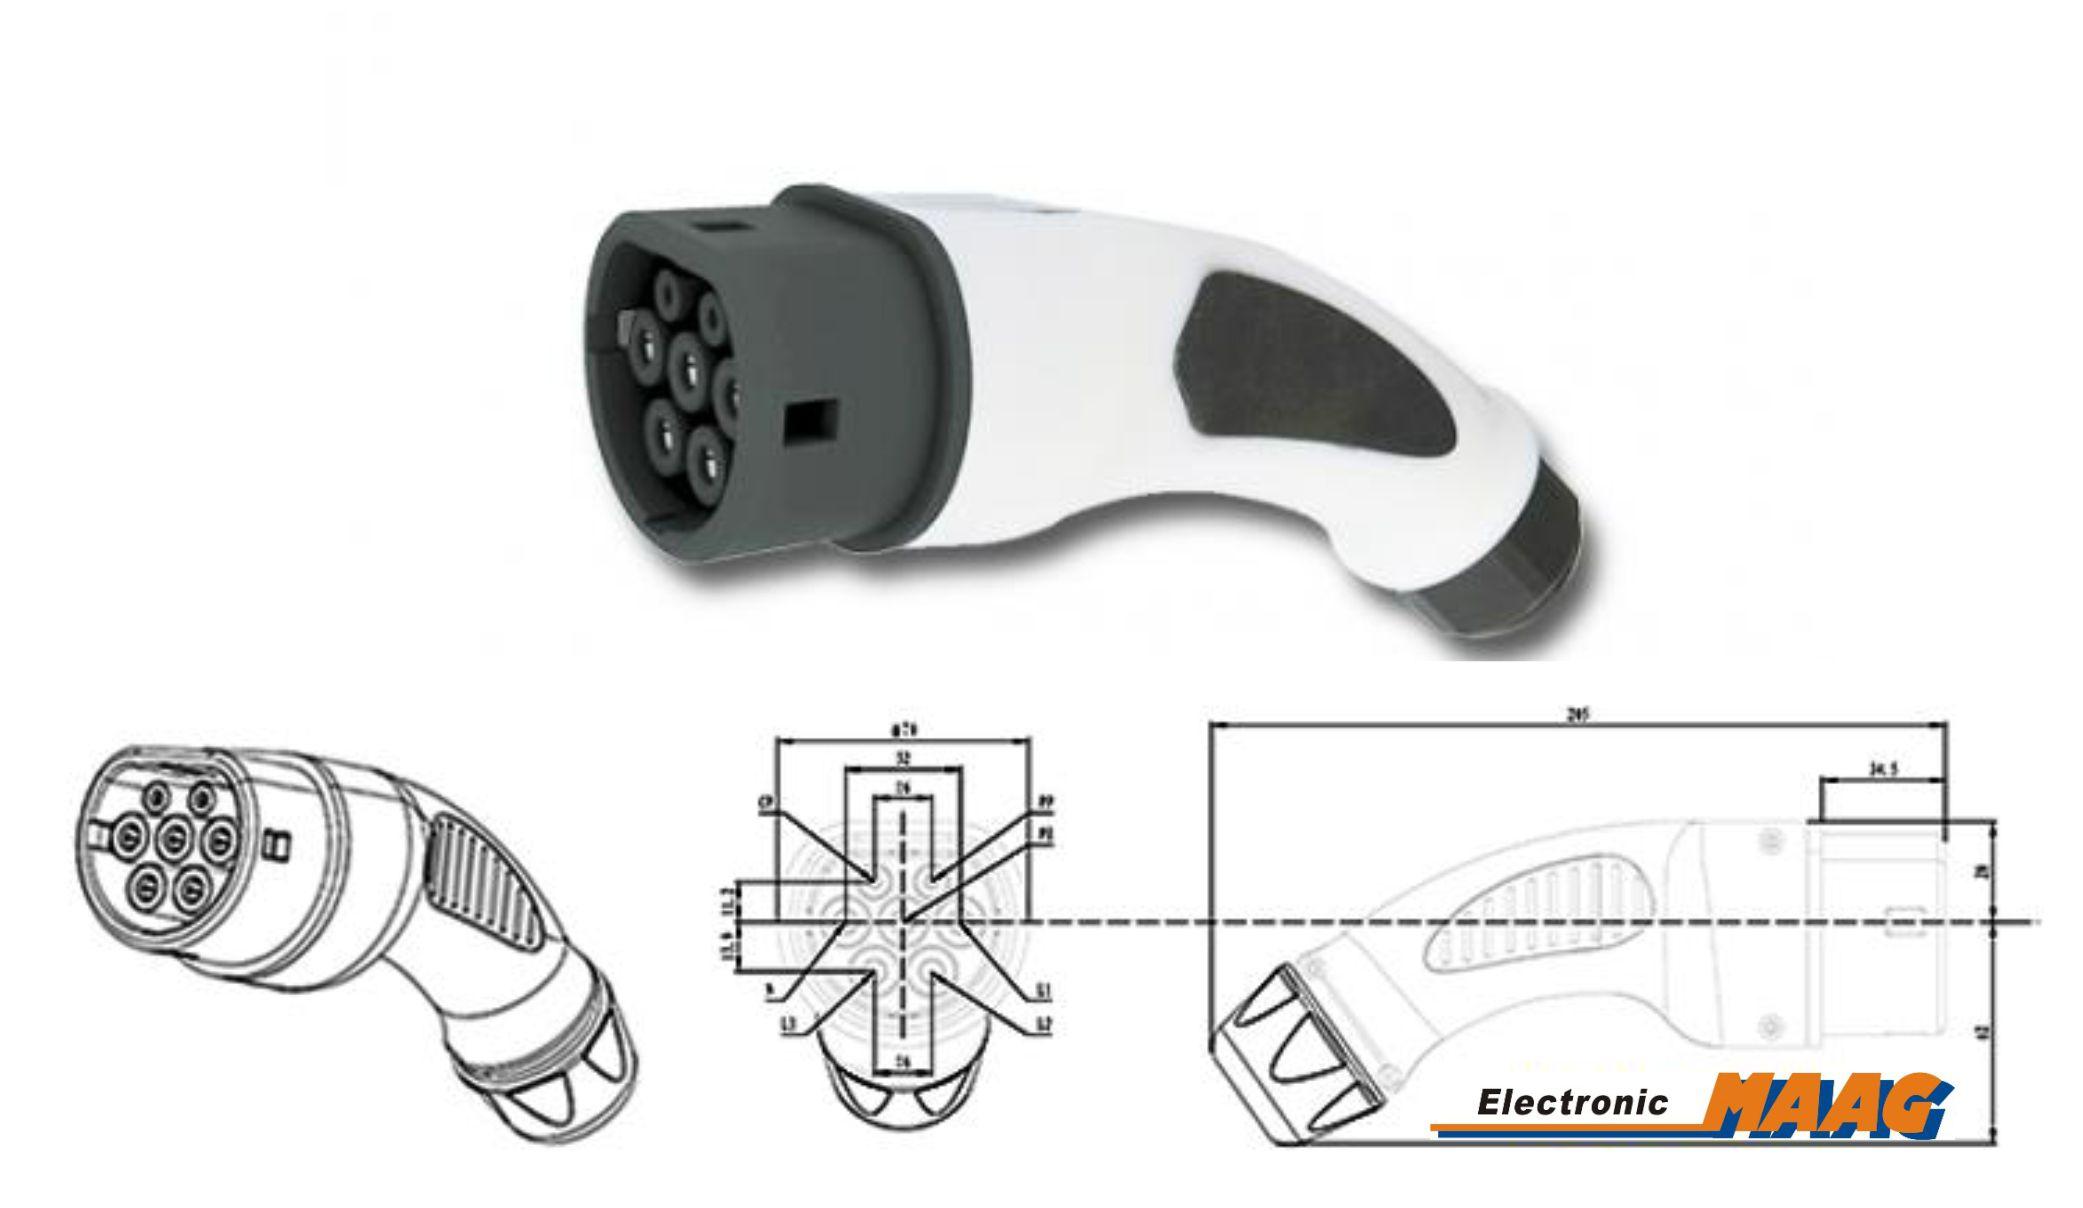 typ 2 stecker 16a plug ladestecker female weiblich fahrzeugseite elektroauto. Black Bedroom Furniture Sets. Home Design Ideas